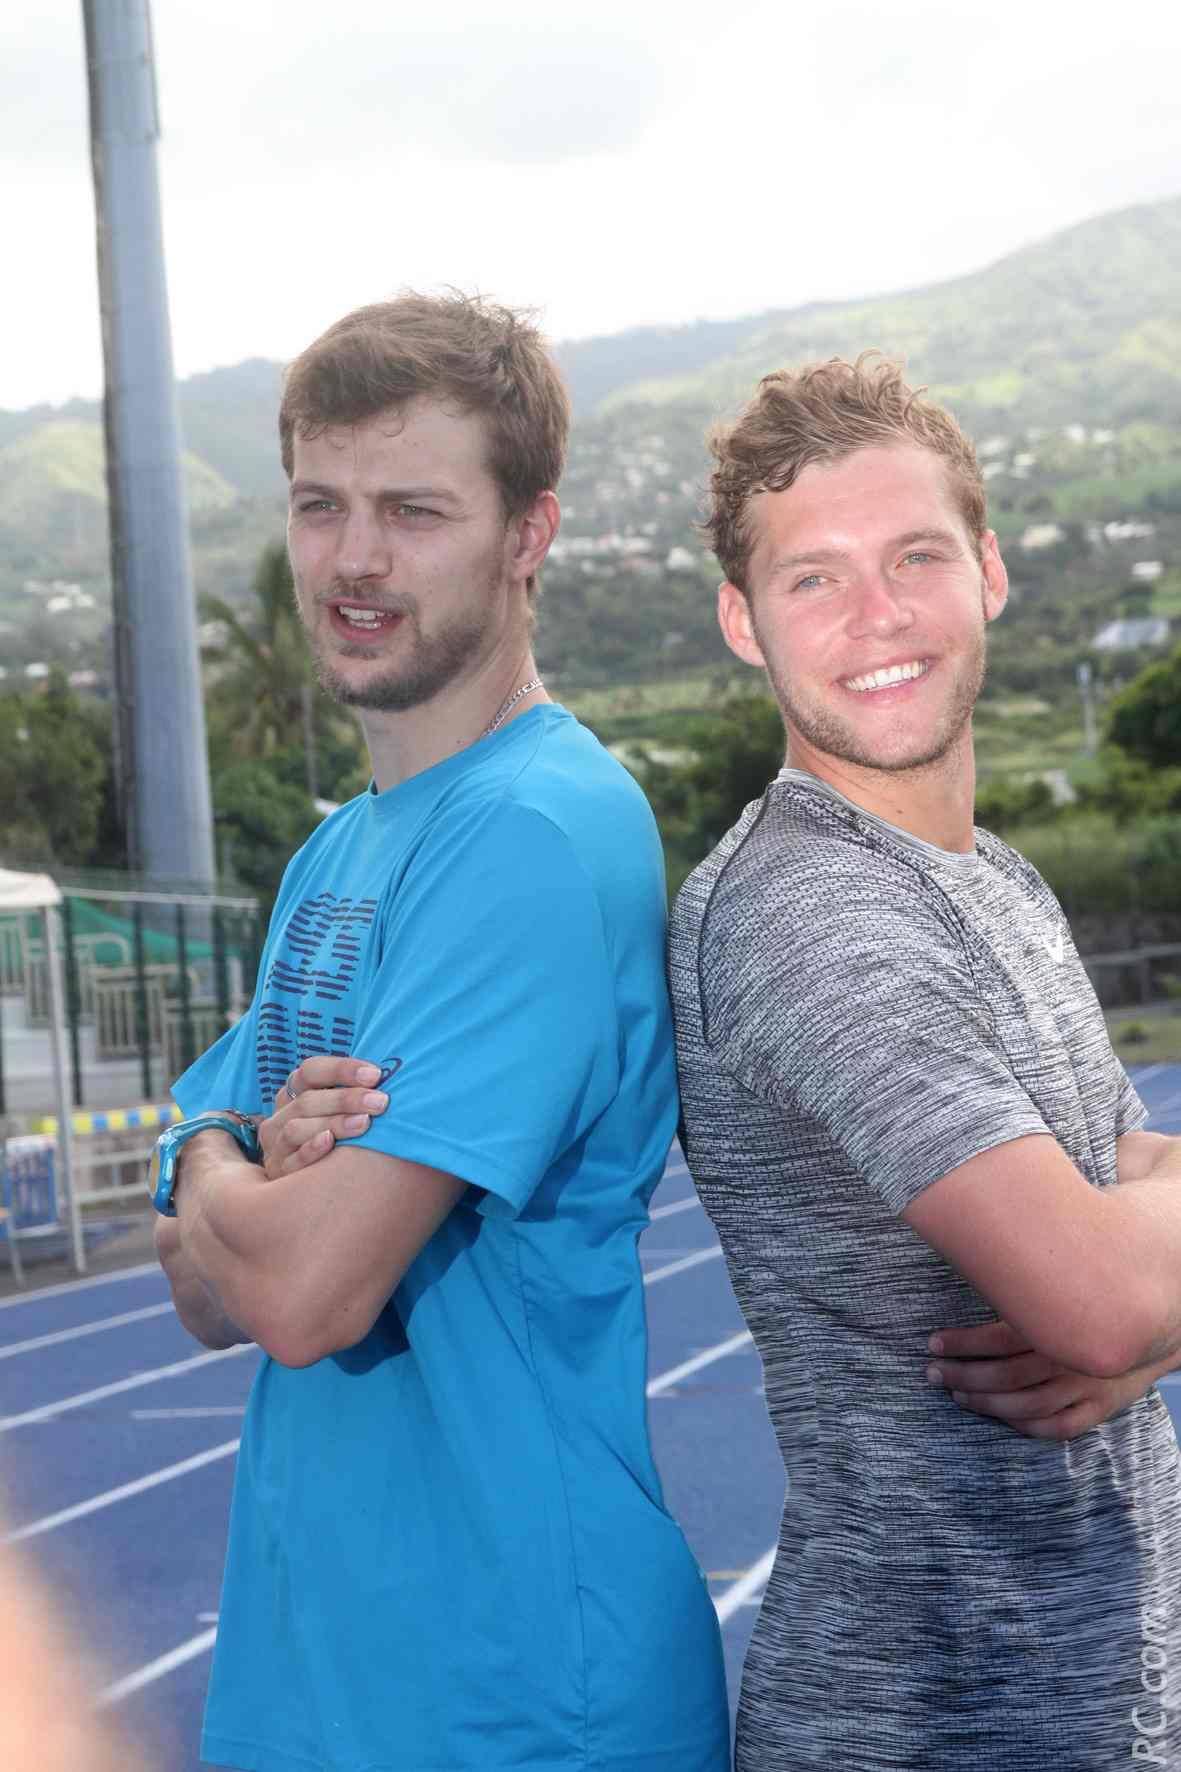 Christophe Lemaître et Kevin Mayer, tous deux médaillés Olympique à Rio. Il y a de la complicité entre ces deux là